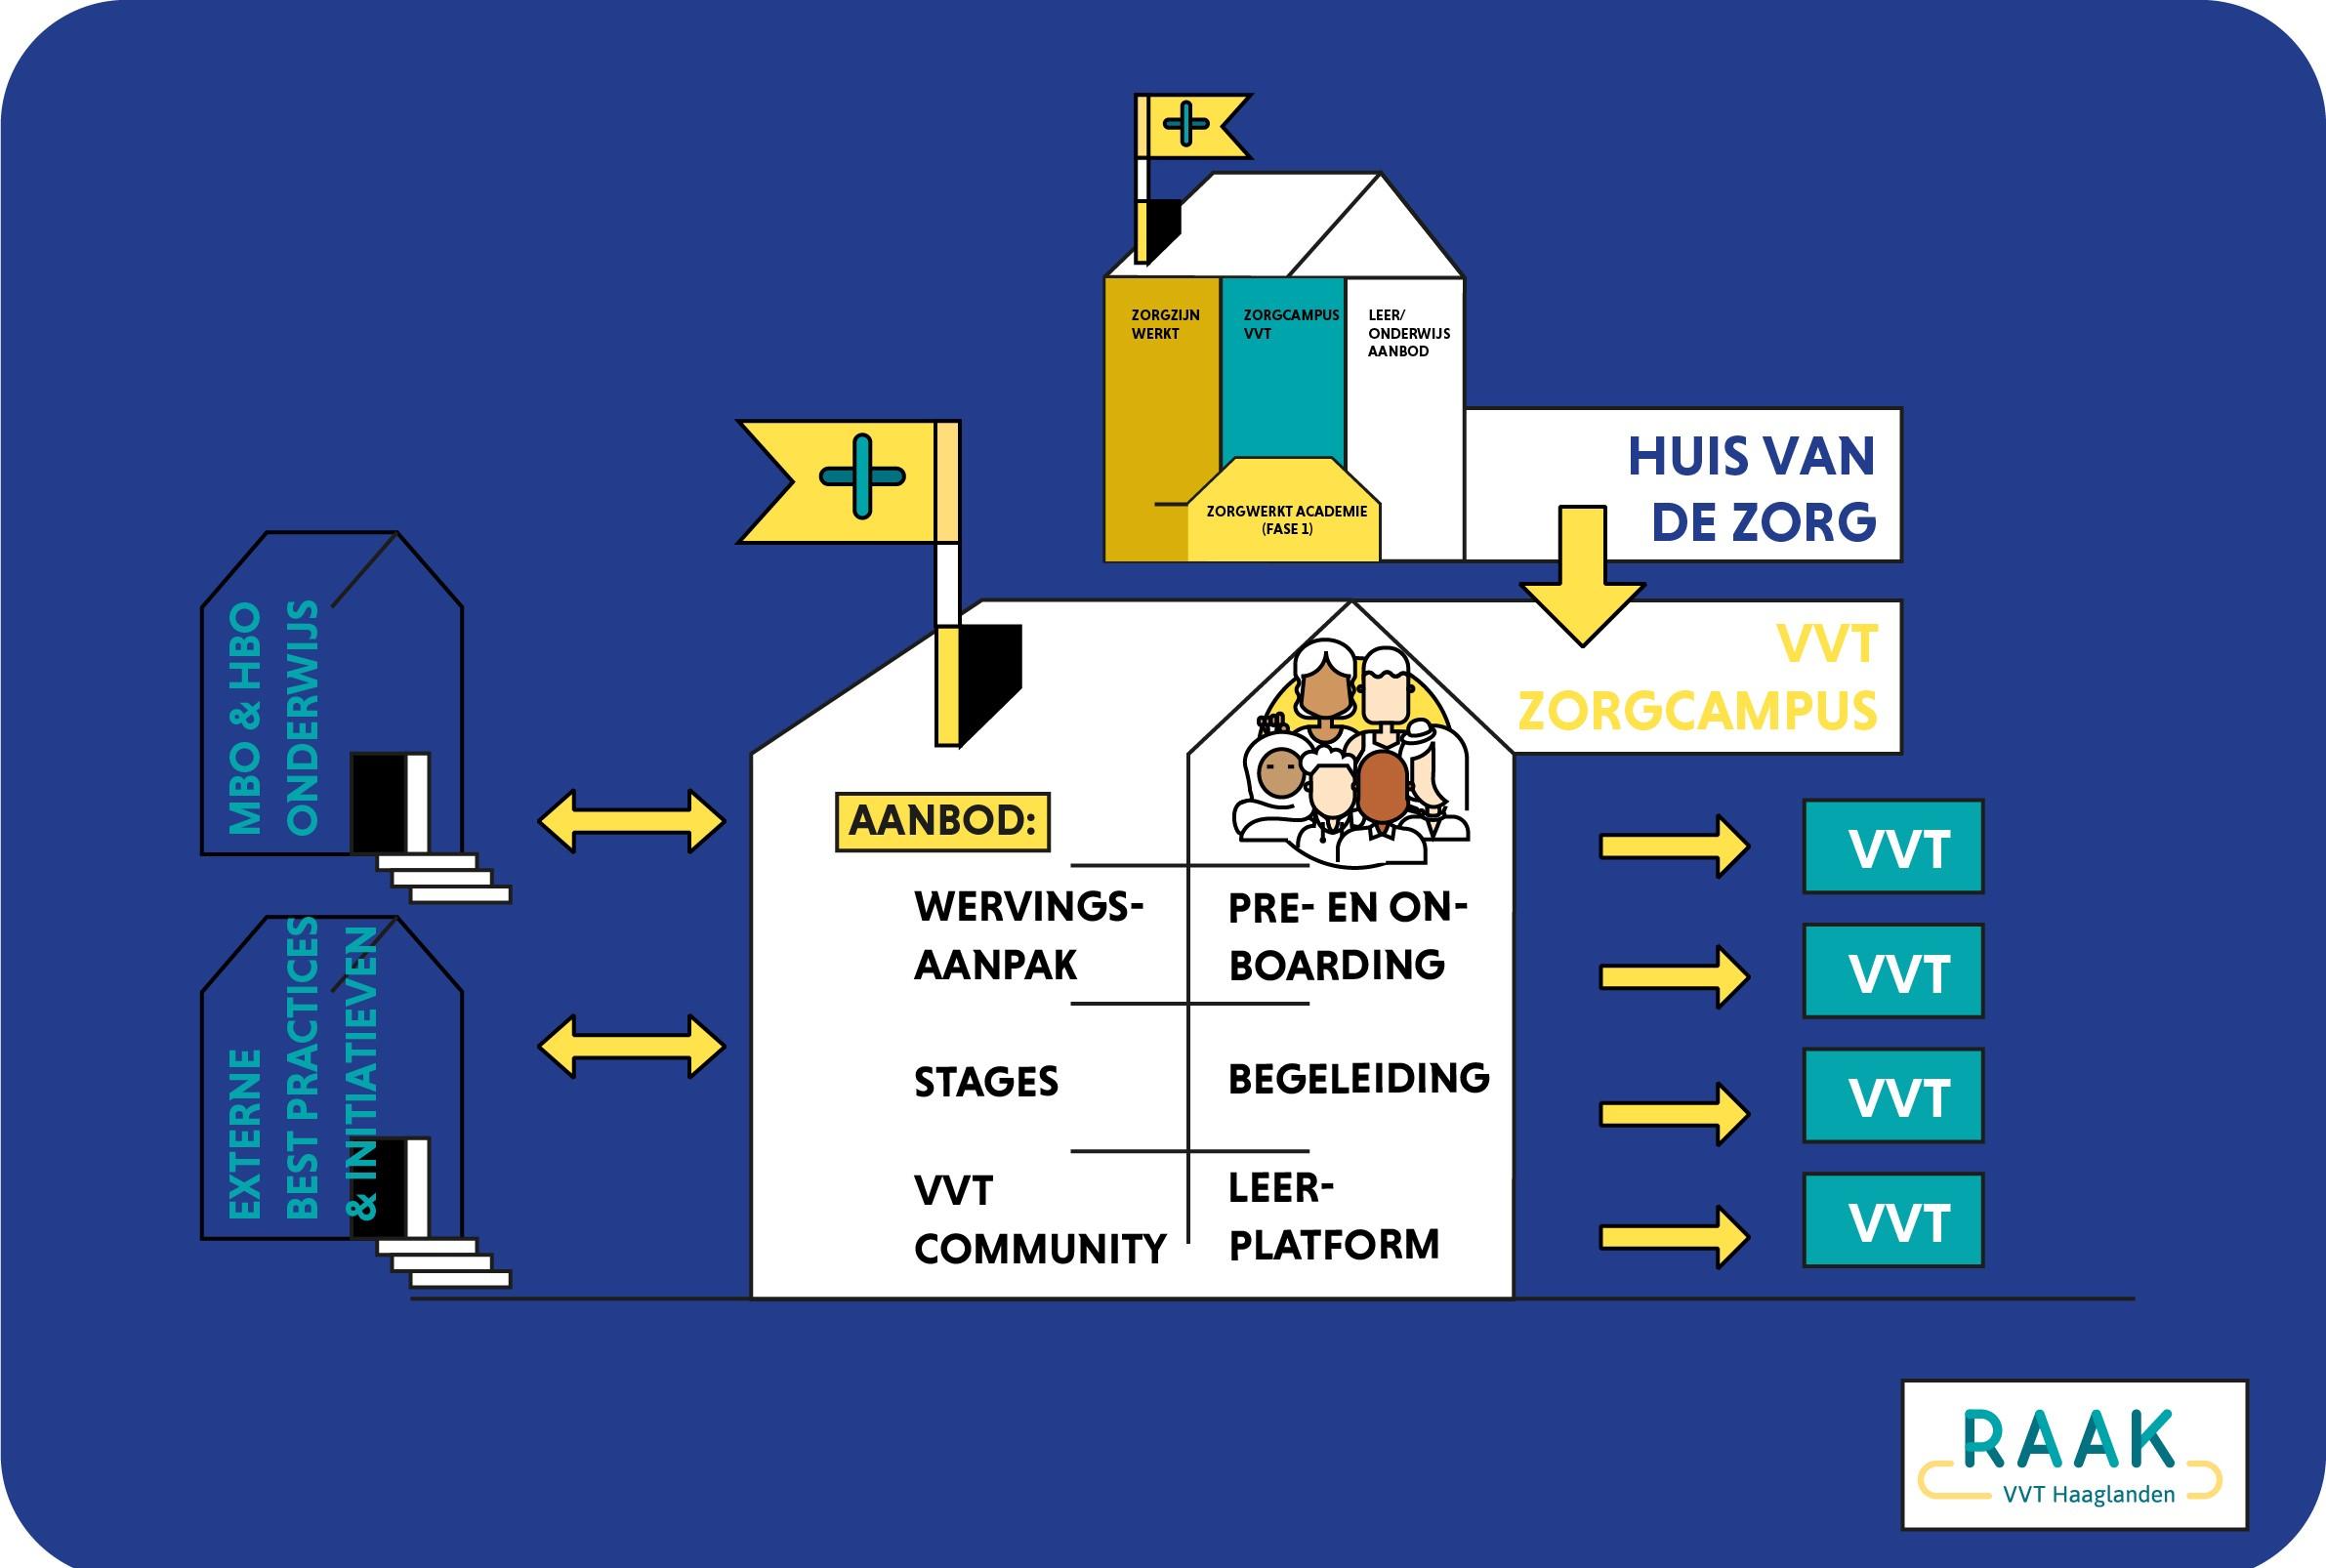 De VVT zorgcampus: klaar voor de start...